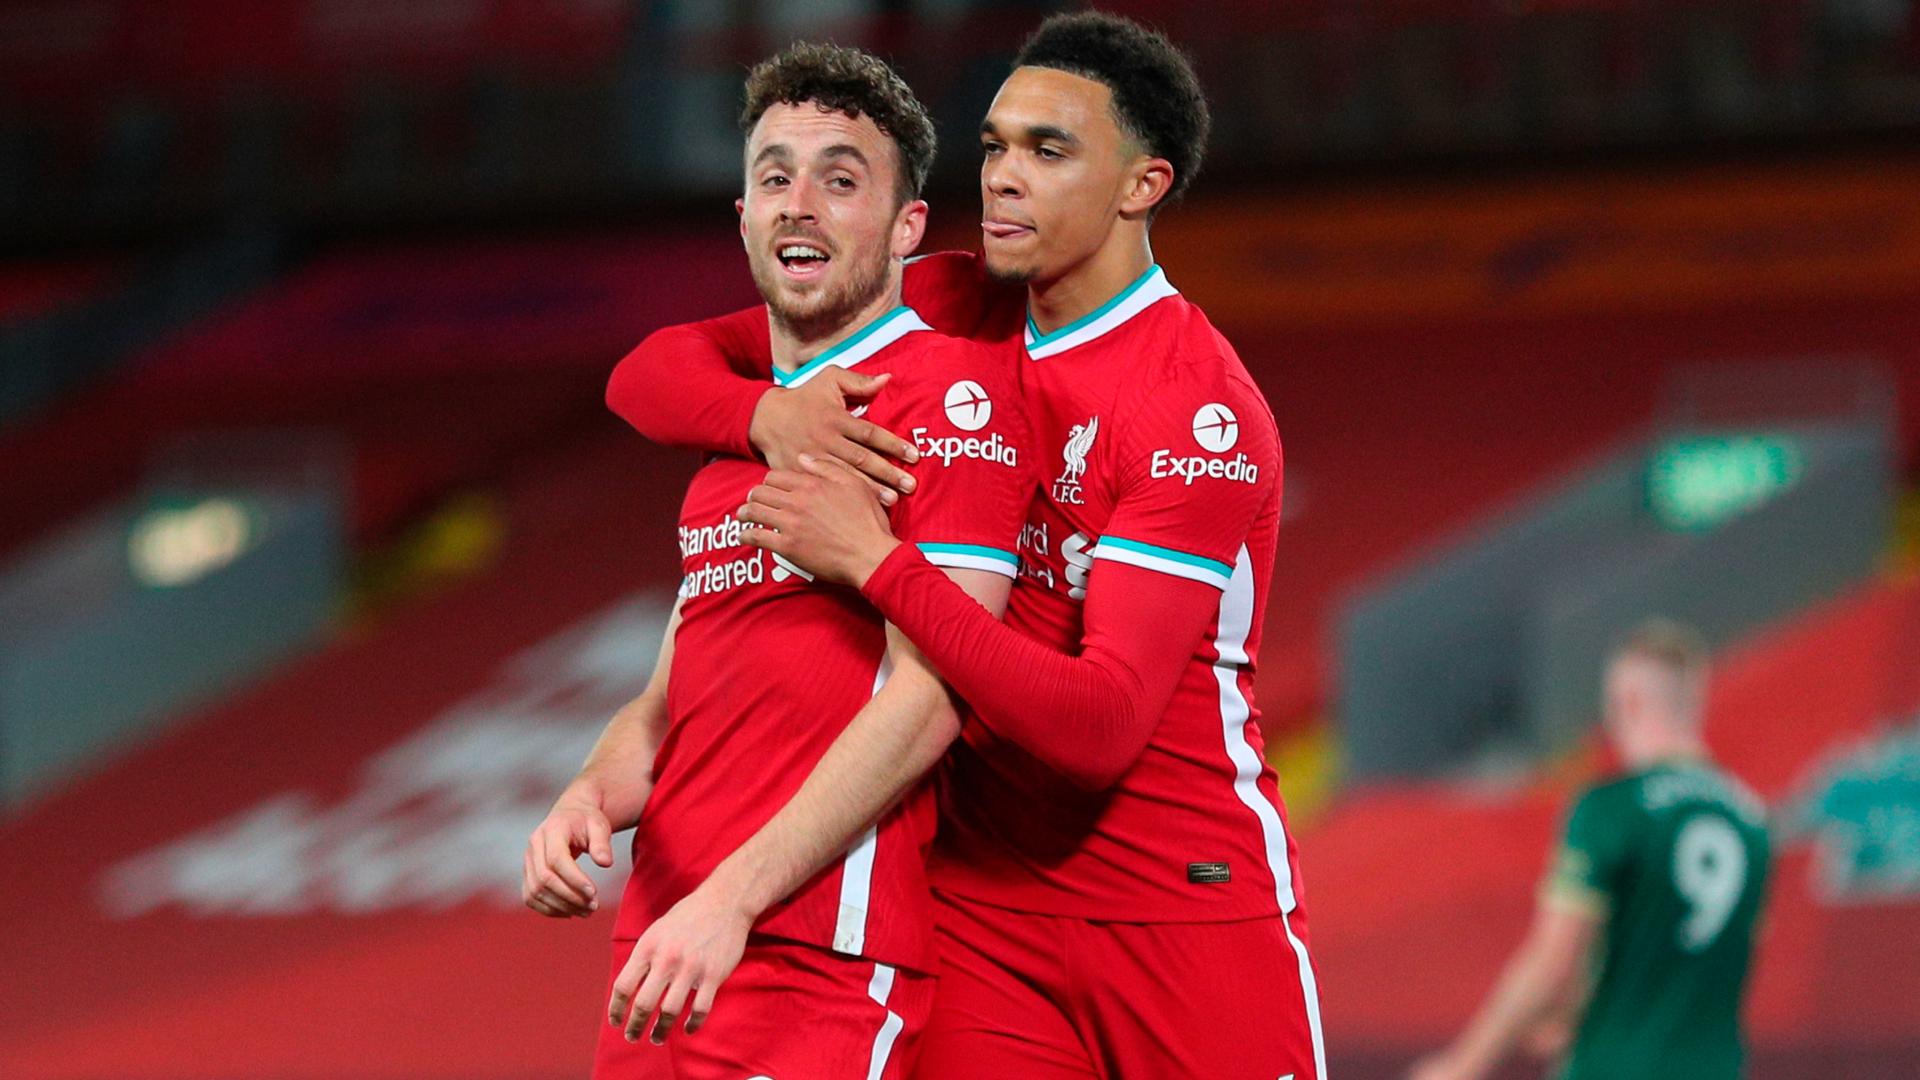 Jota will get even better for Liverpool – Klopp